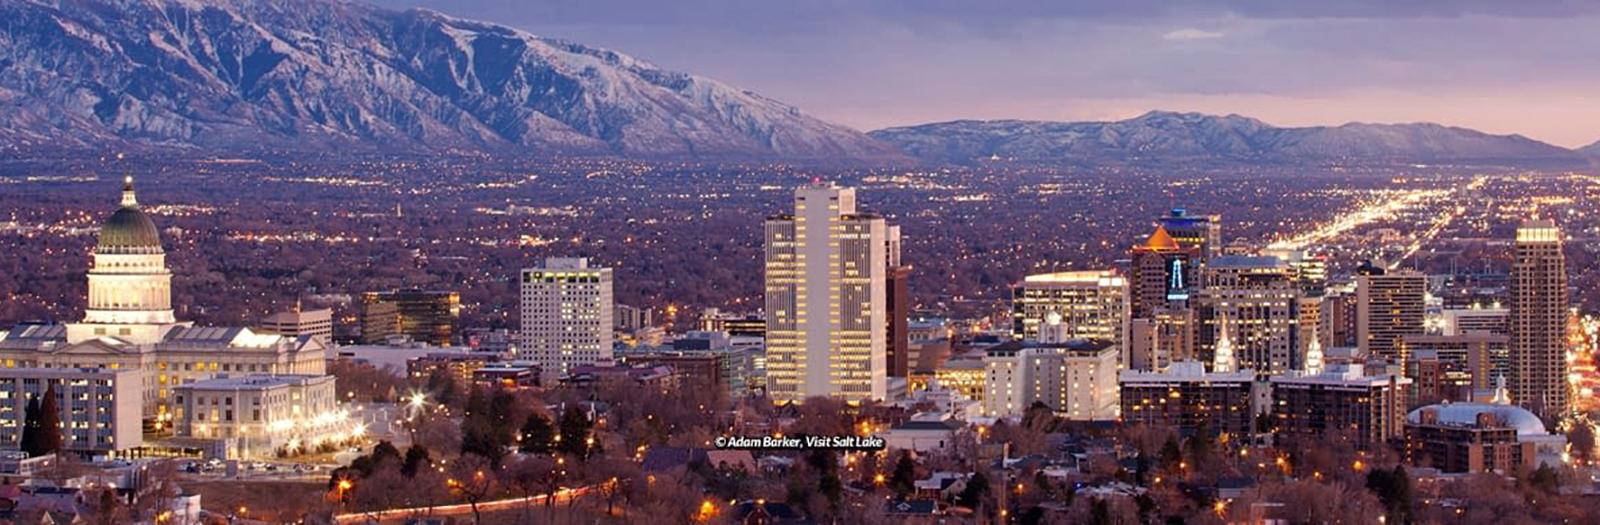 Salt Lake ski vacation packages, ski utah, ski resorts near Salt Lake